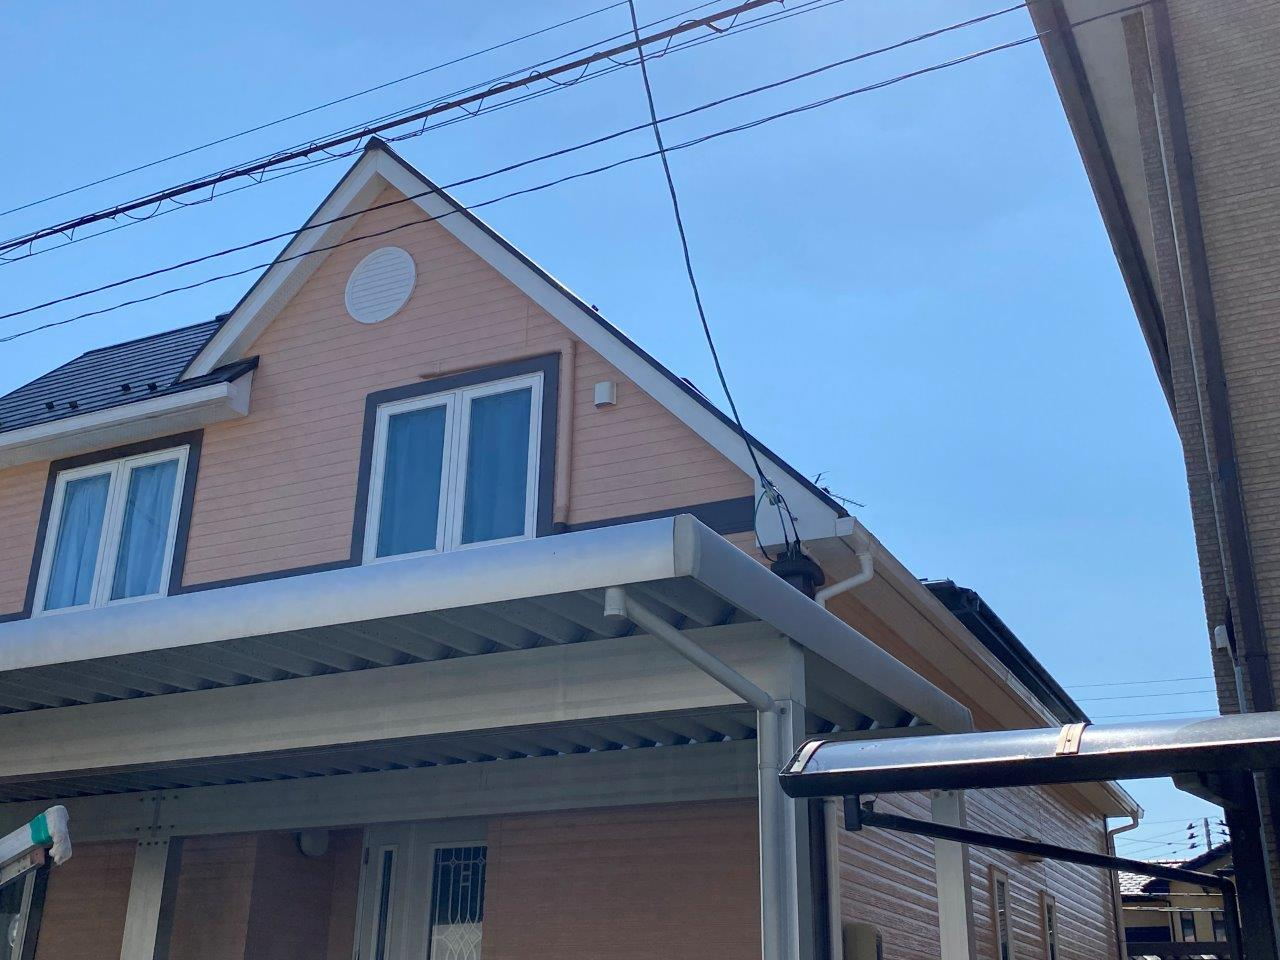 新潟市東区にて7寸急勾配のスレート屋根から落ちる雪に悩むお宅での対策相談